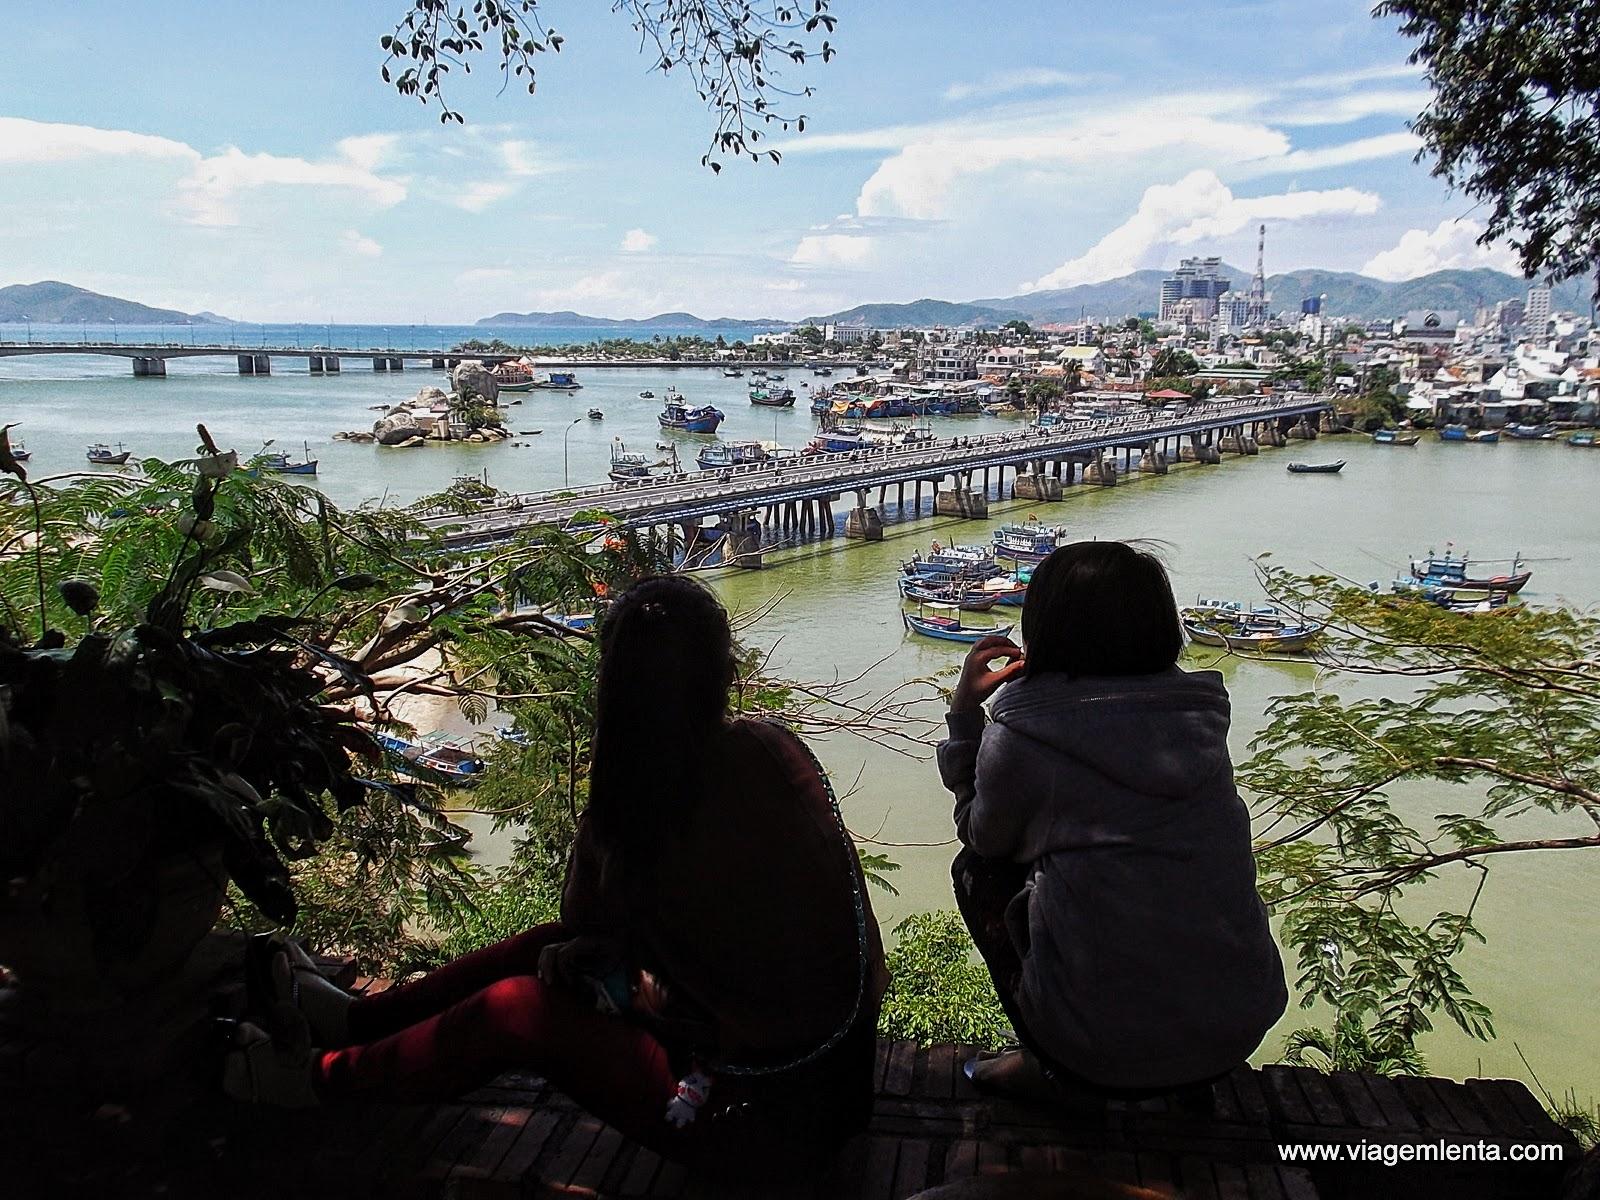 Relato de viagem à Nha Trang, no litoral do Vietnã, a grande presença russa, belas praias e uma aurora boreal?